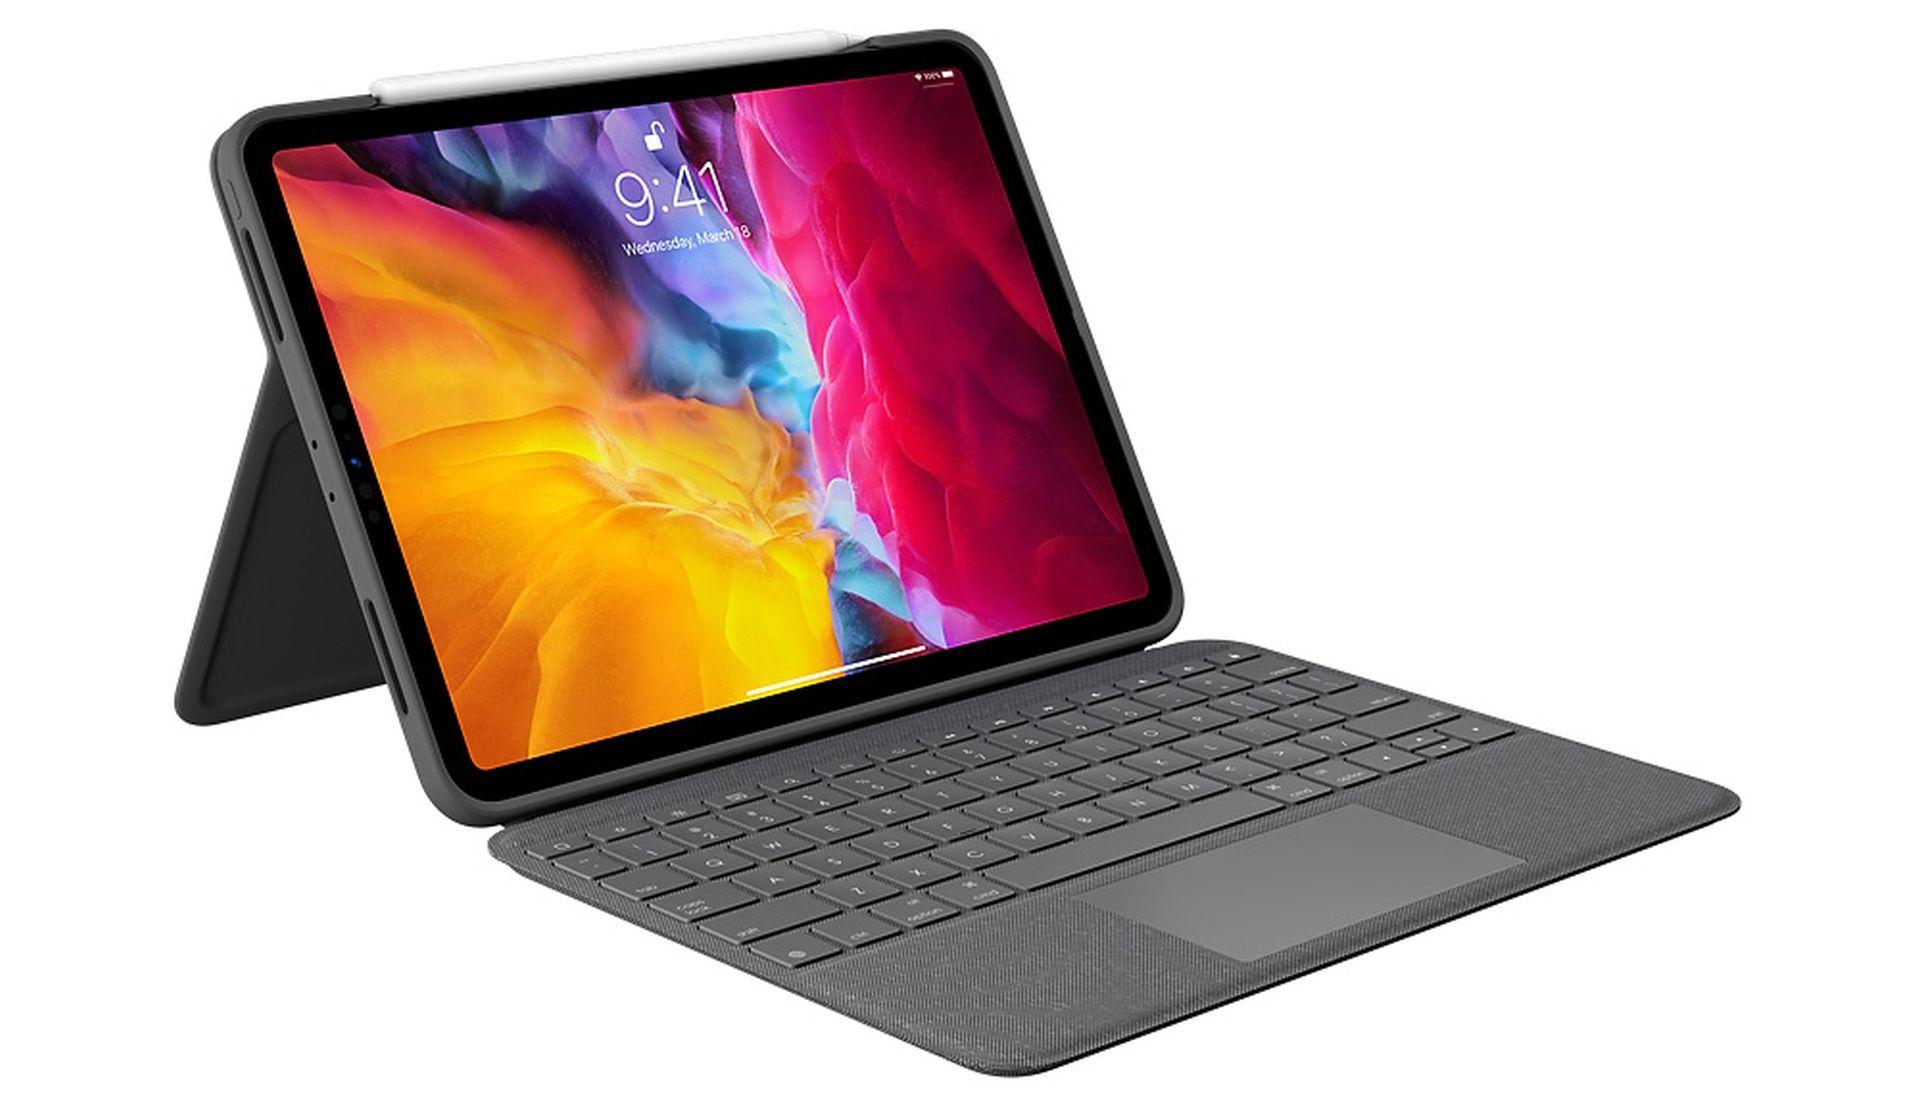 Dostępne etui Logitech Folio Touch Keyboard z gładzikiem do 11 calowego iPada Pro